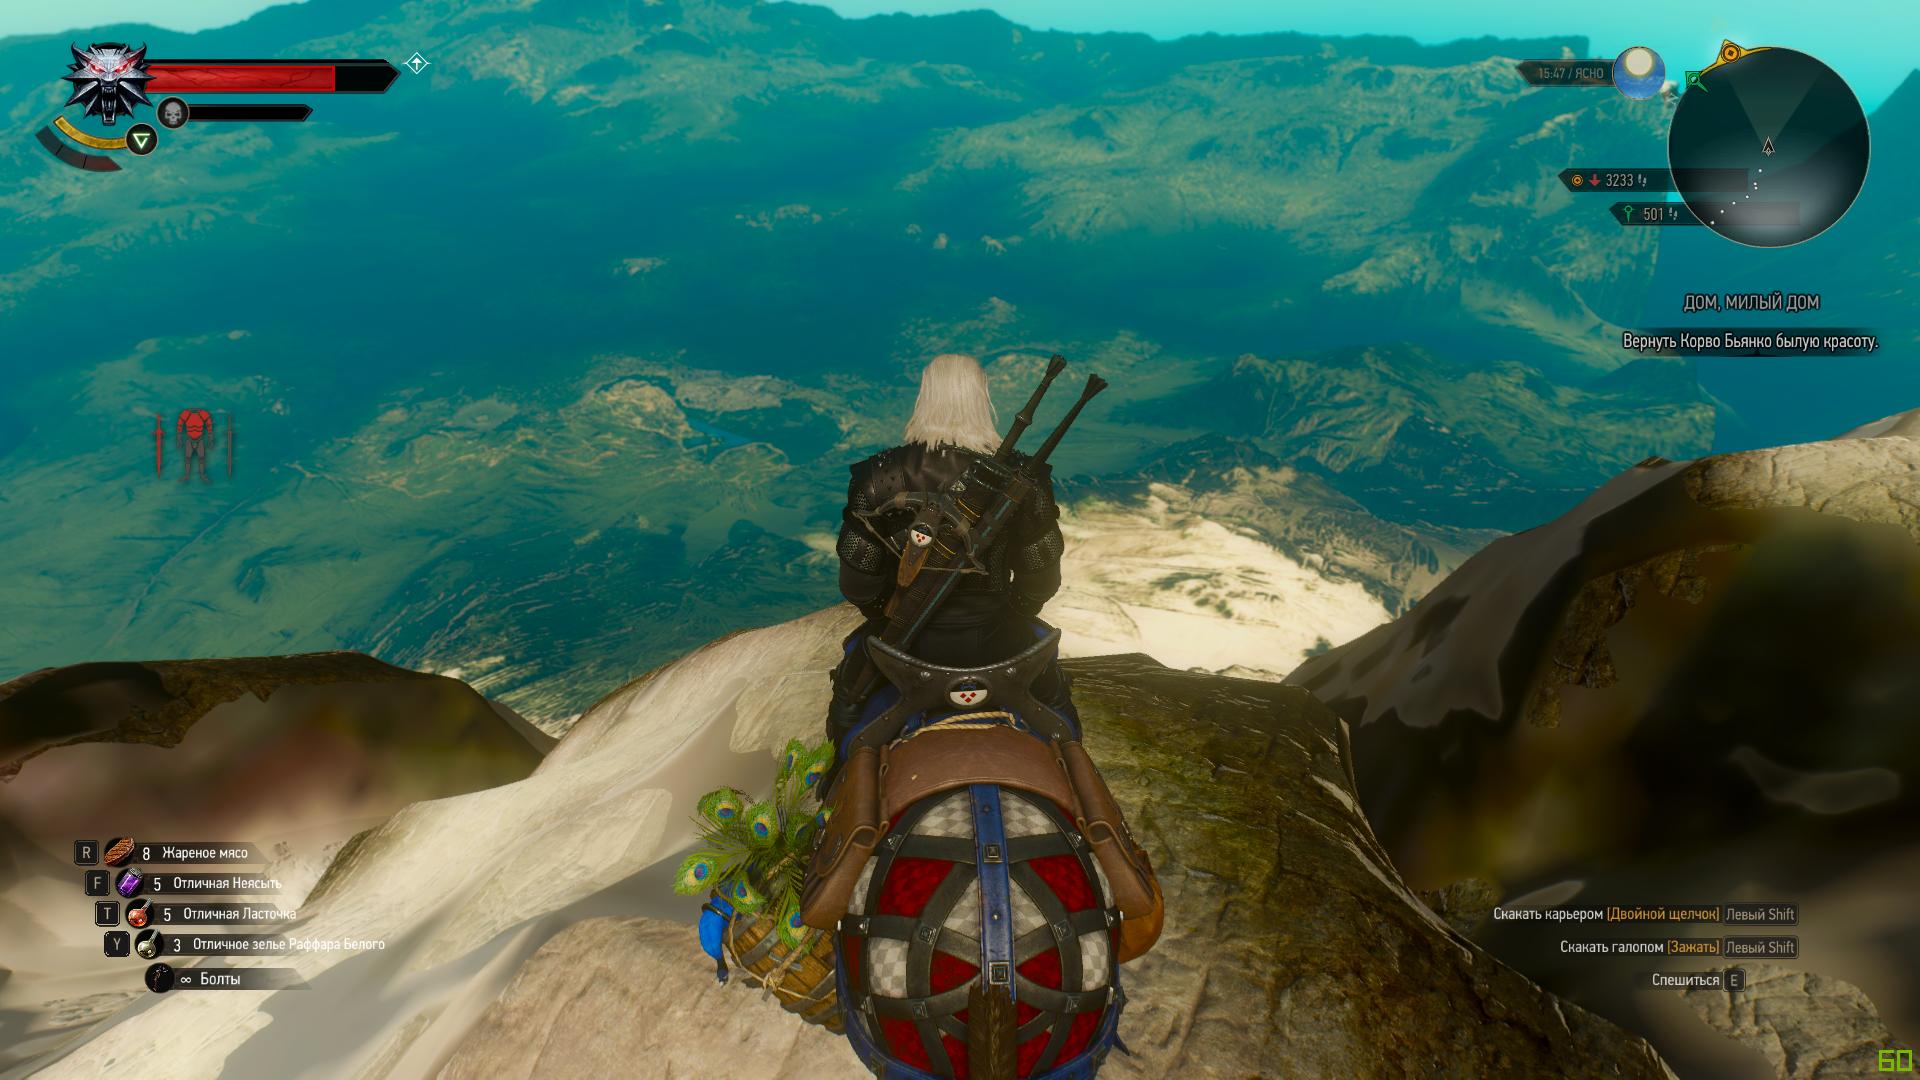 Туссент - Witcher 3: Wild Hunt, the